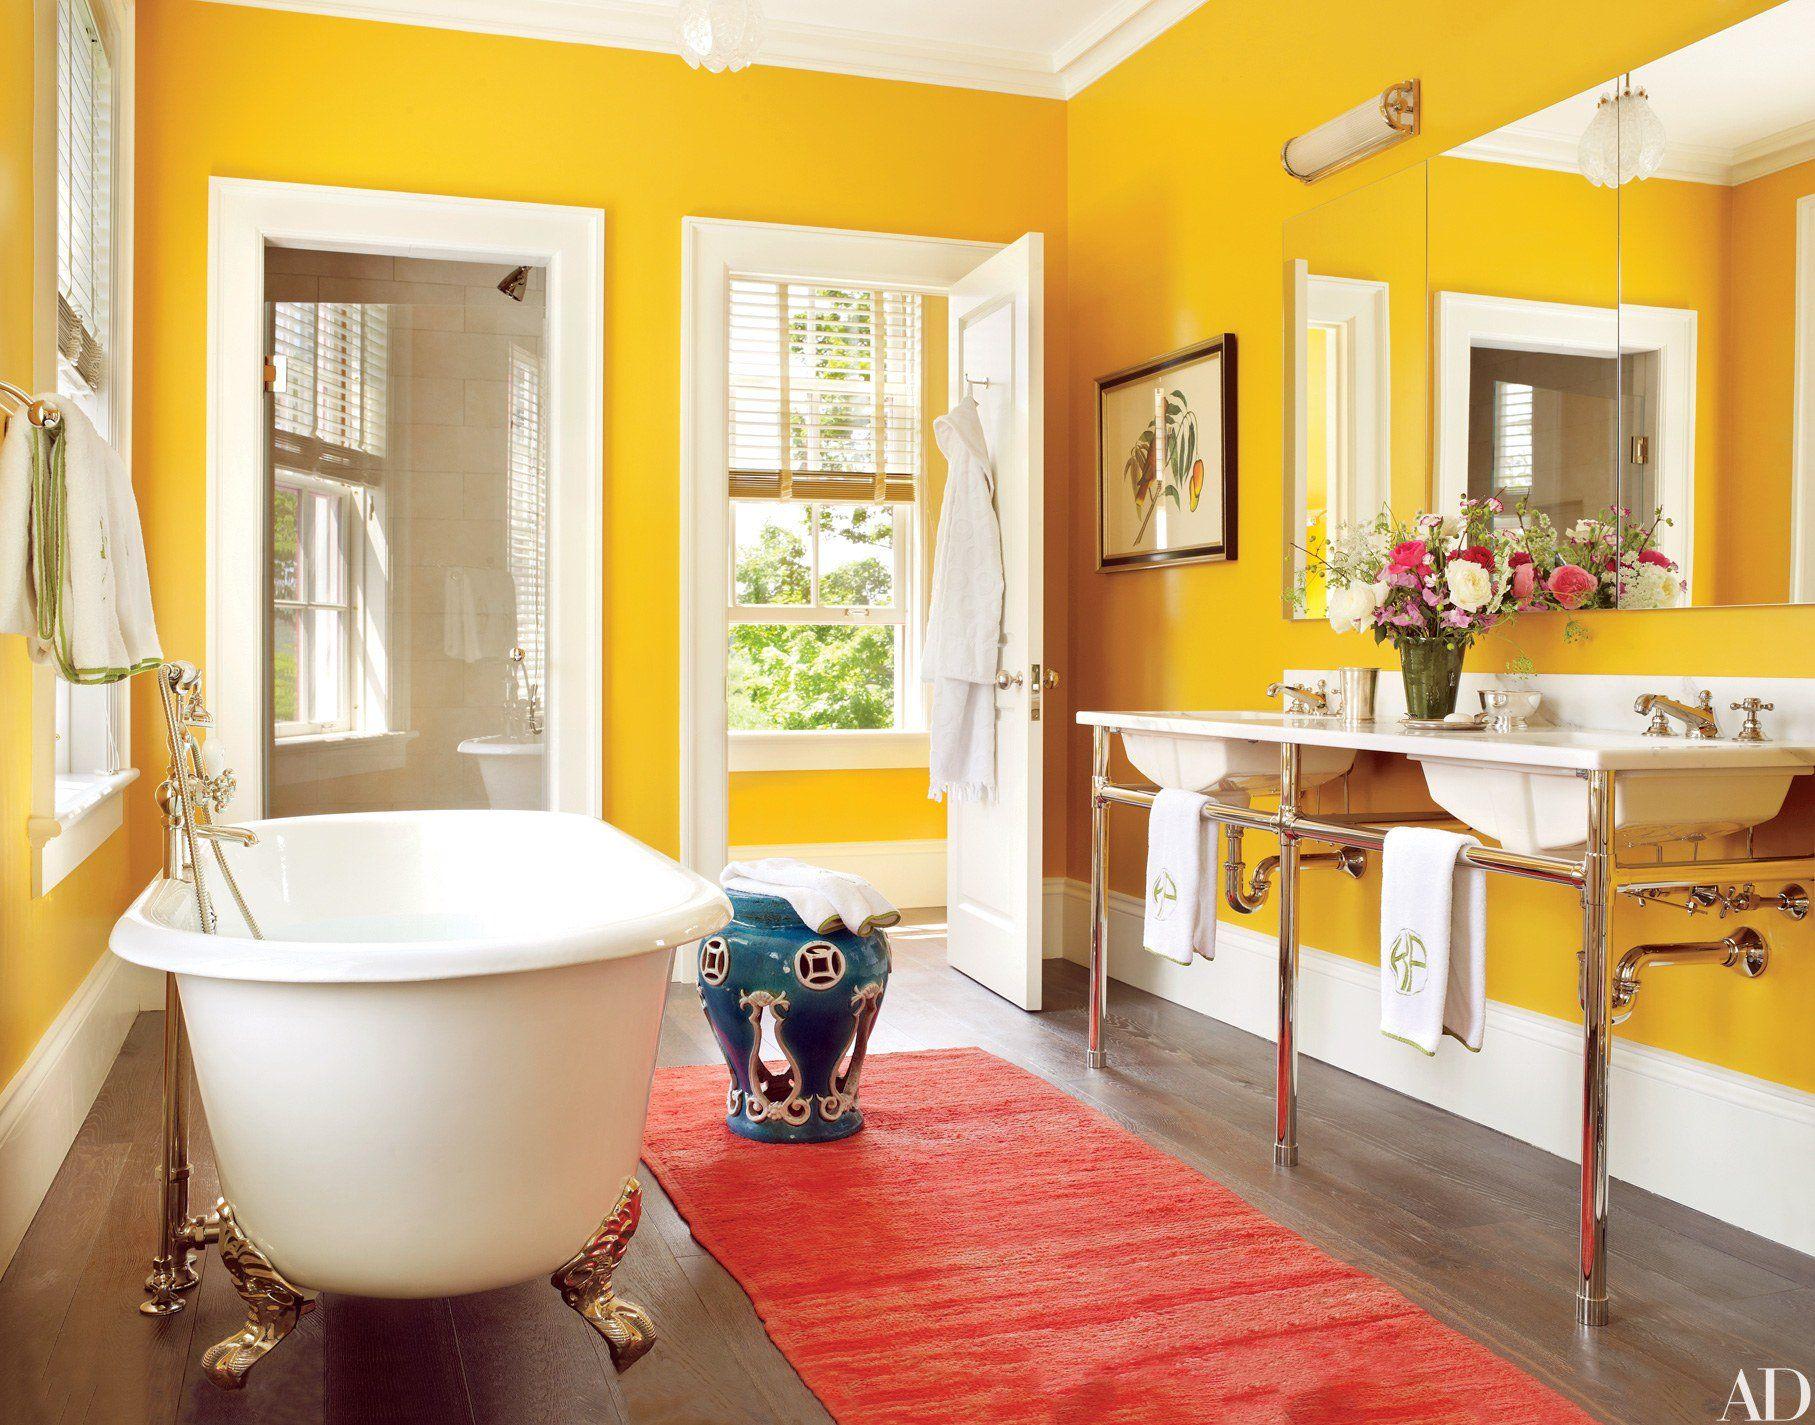 10 Design Ideas to Add Color Into Your Bathroom | Colorful bathroom ...